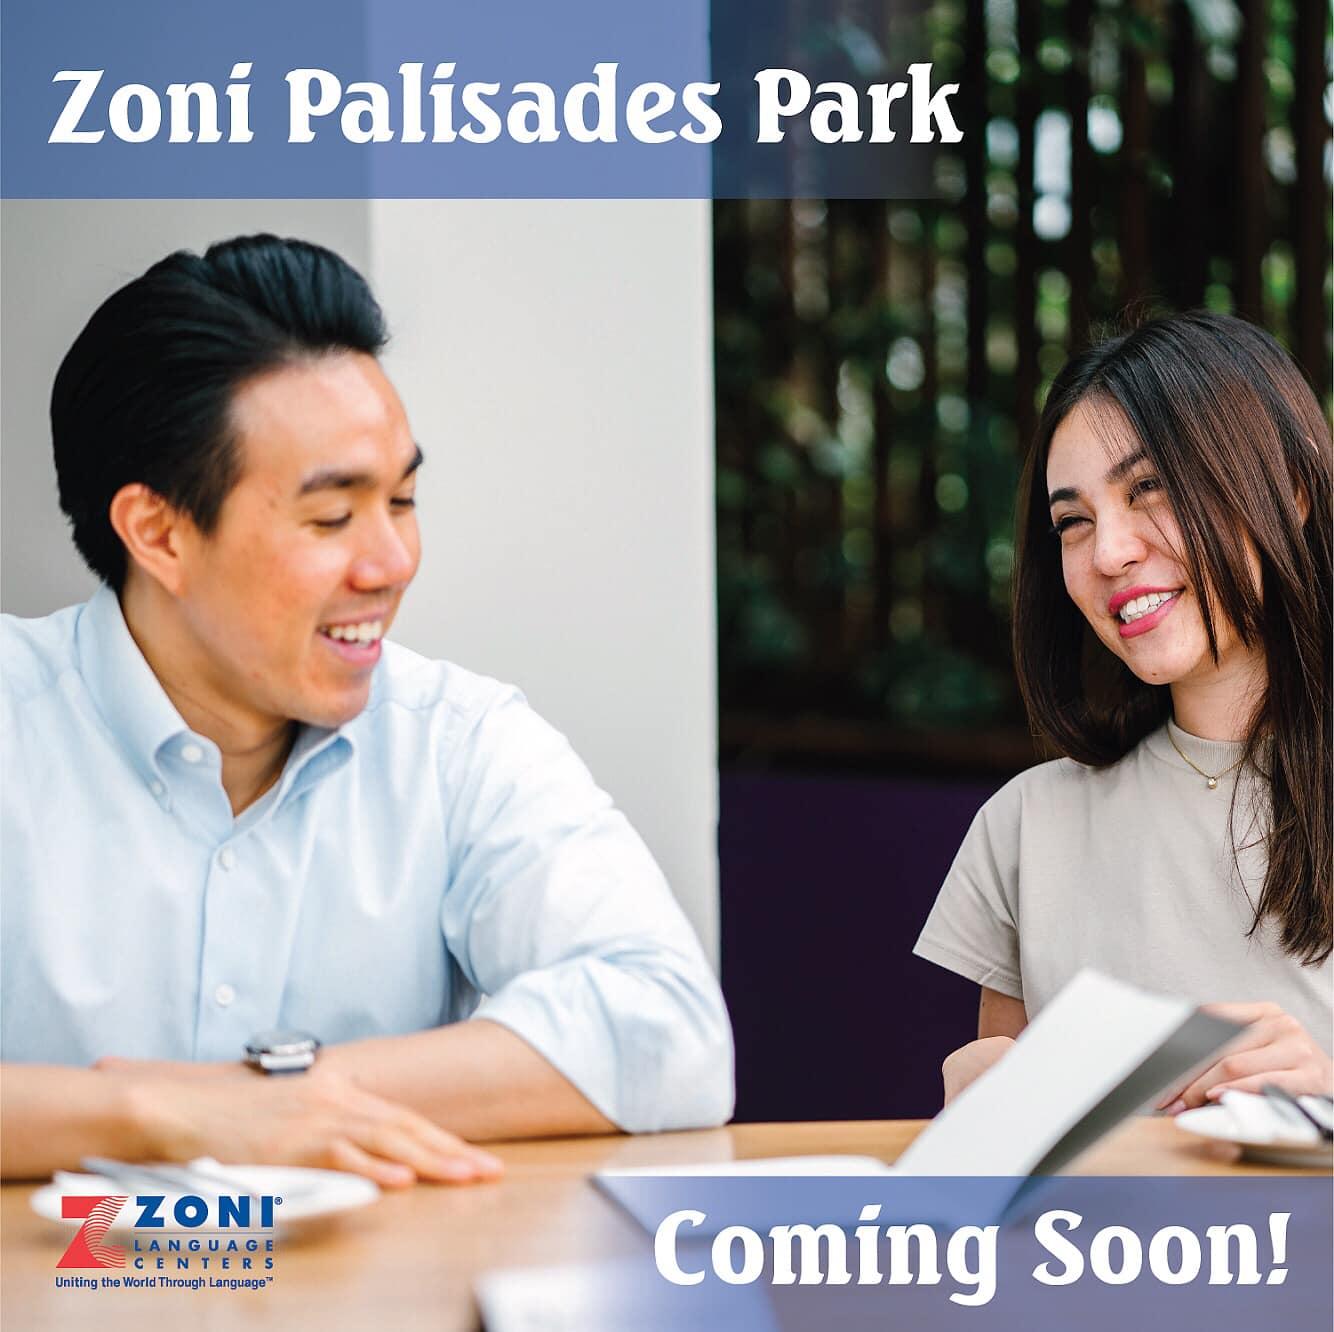 Szkoła angielskiego Zoni Language Centers otwiera nowy oddział w NJ